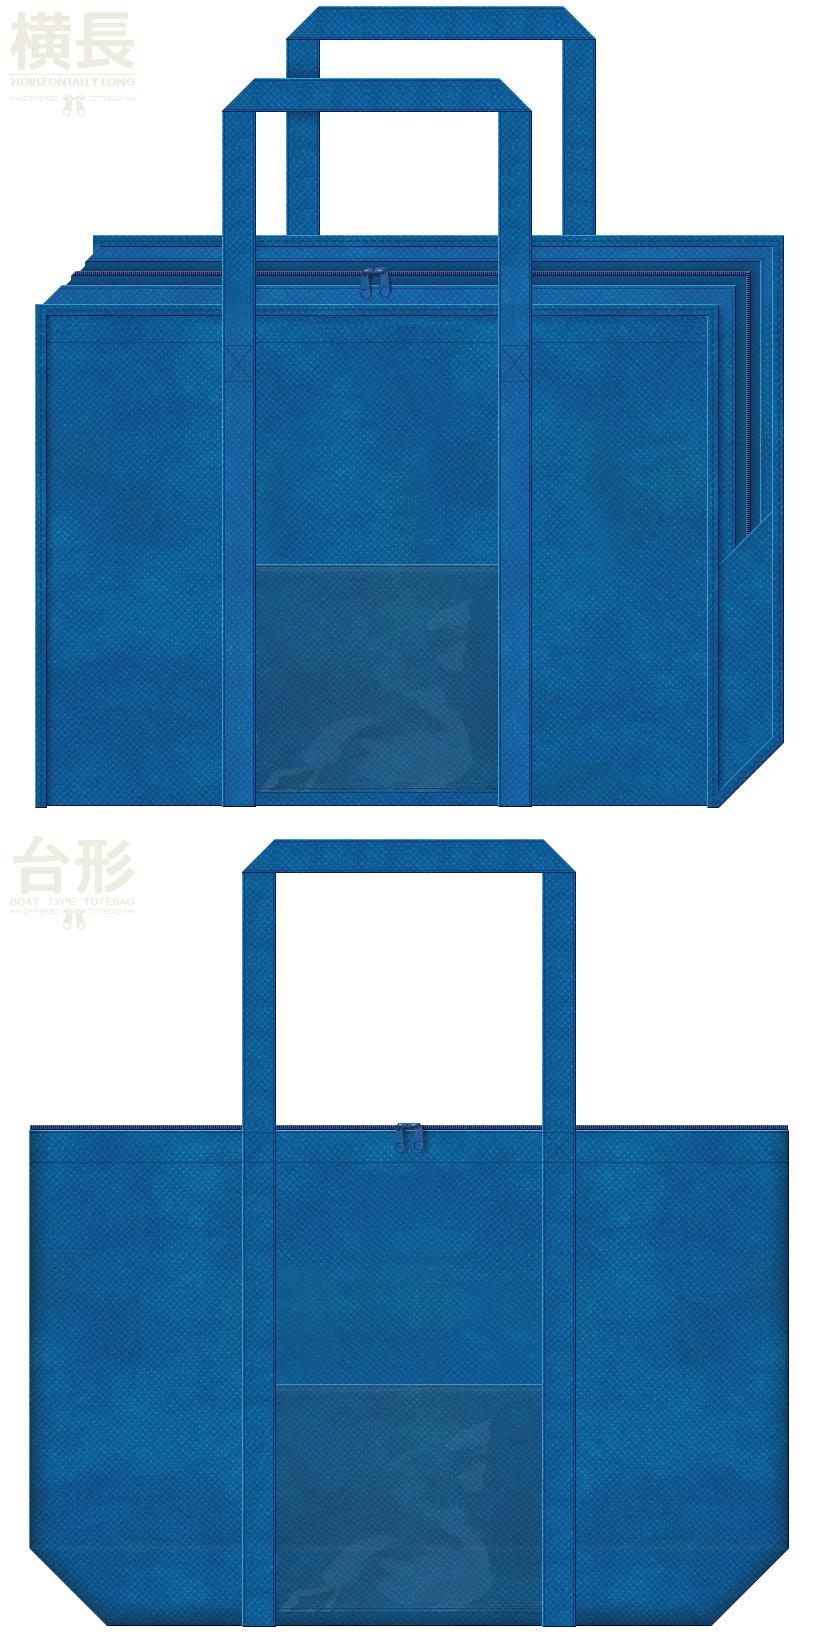 青色の不織布バッグデザイン:透明ポケット付きの不織布ランドリーバッグ